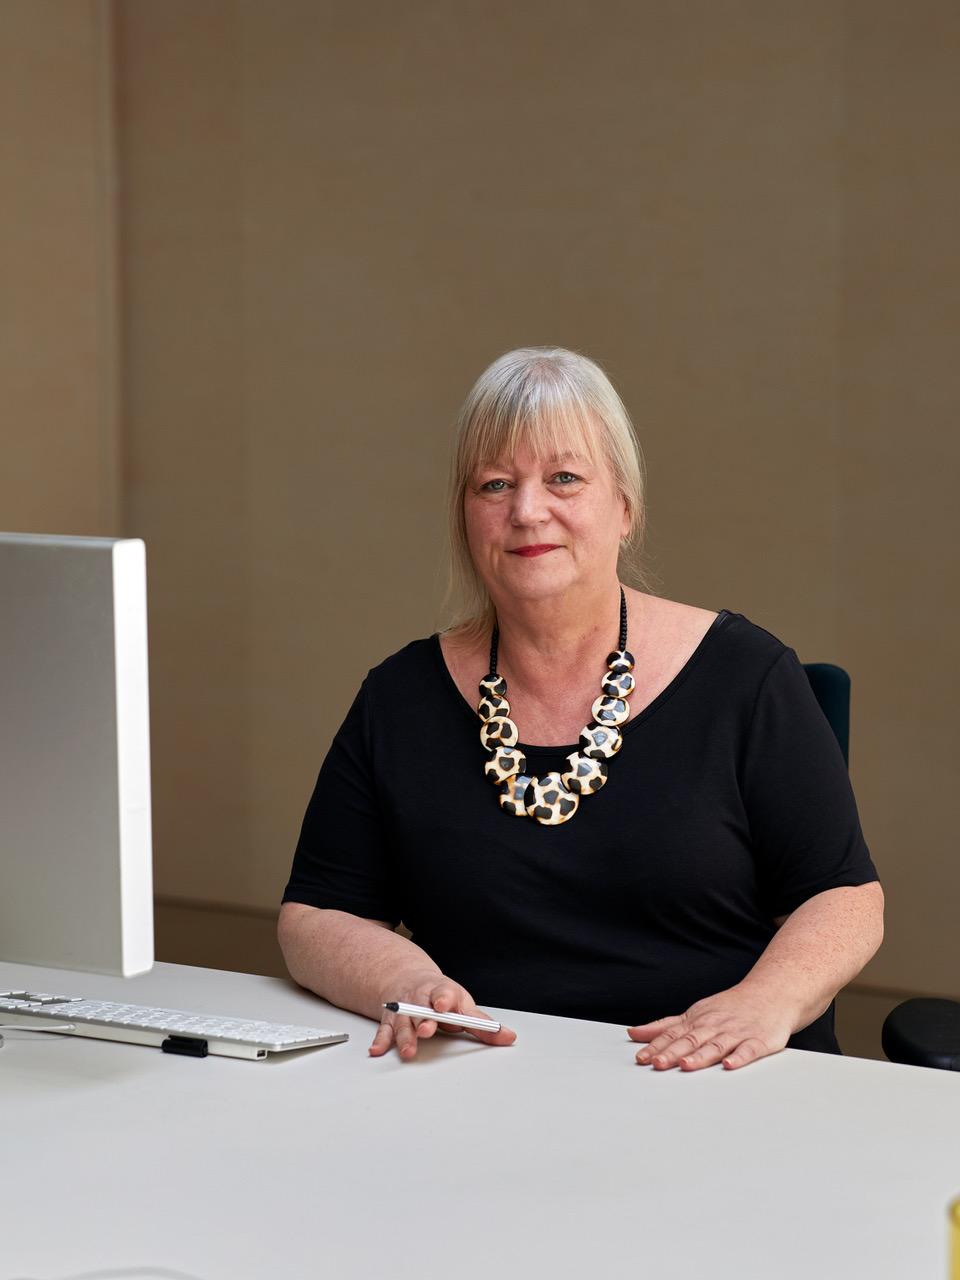 Martina Paul: Buchhaltung (Accounting)